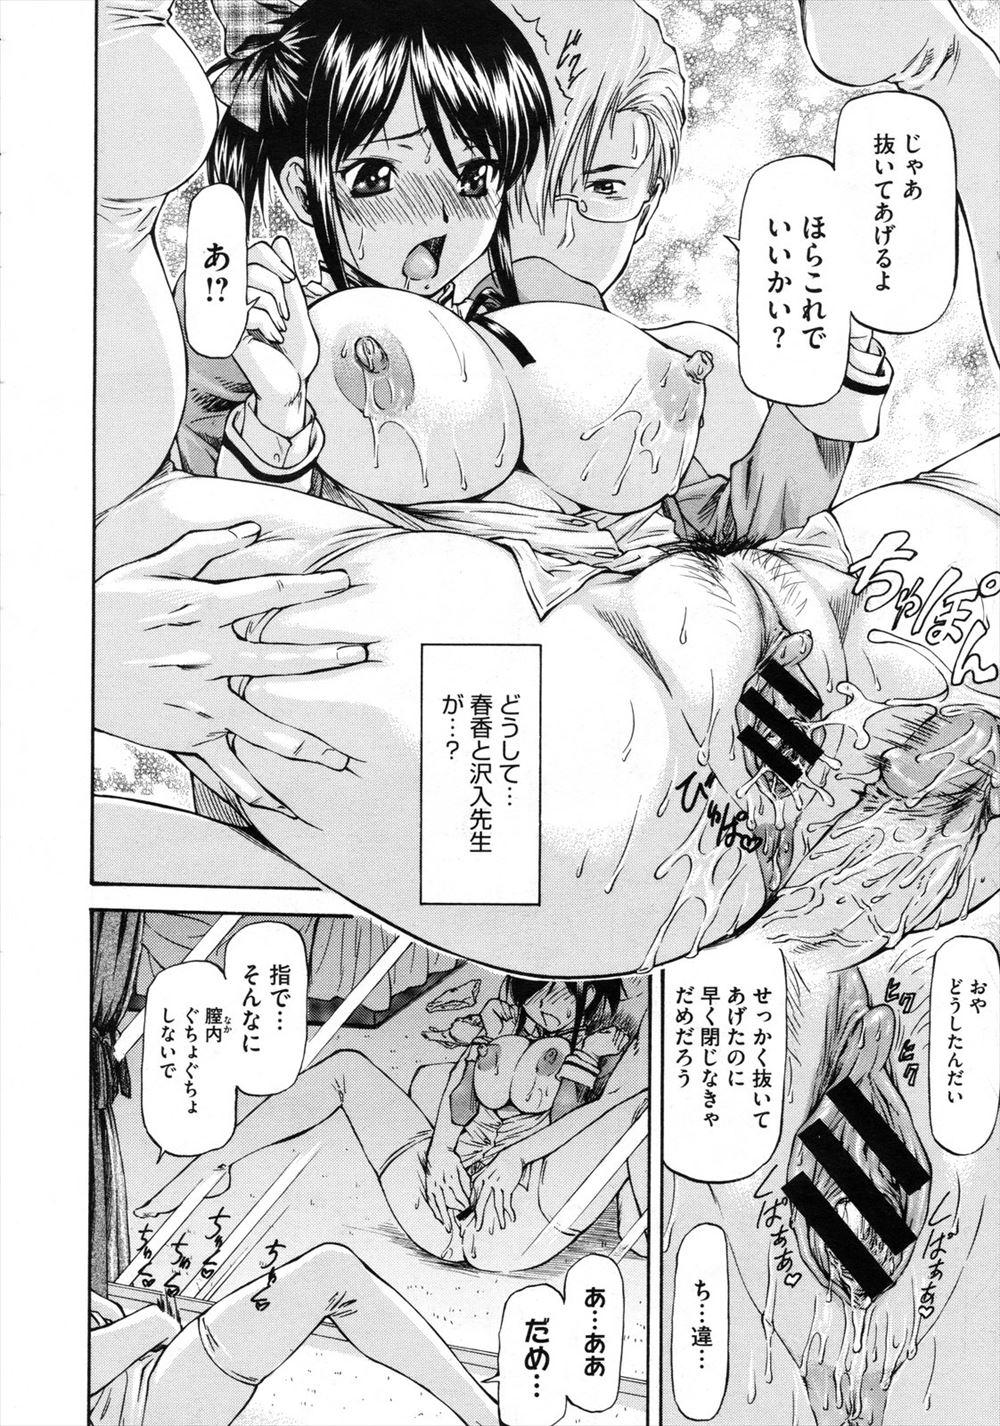 【エロ漫画】幼馴染のことが好きなのに先生に調教されている巨乳JK…彼がクラスの女子に呼び出され拘束されマジックミラー越しに彼女の乱れた姿を見ながら中出しセックス【流一本:カガミごしの告白】